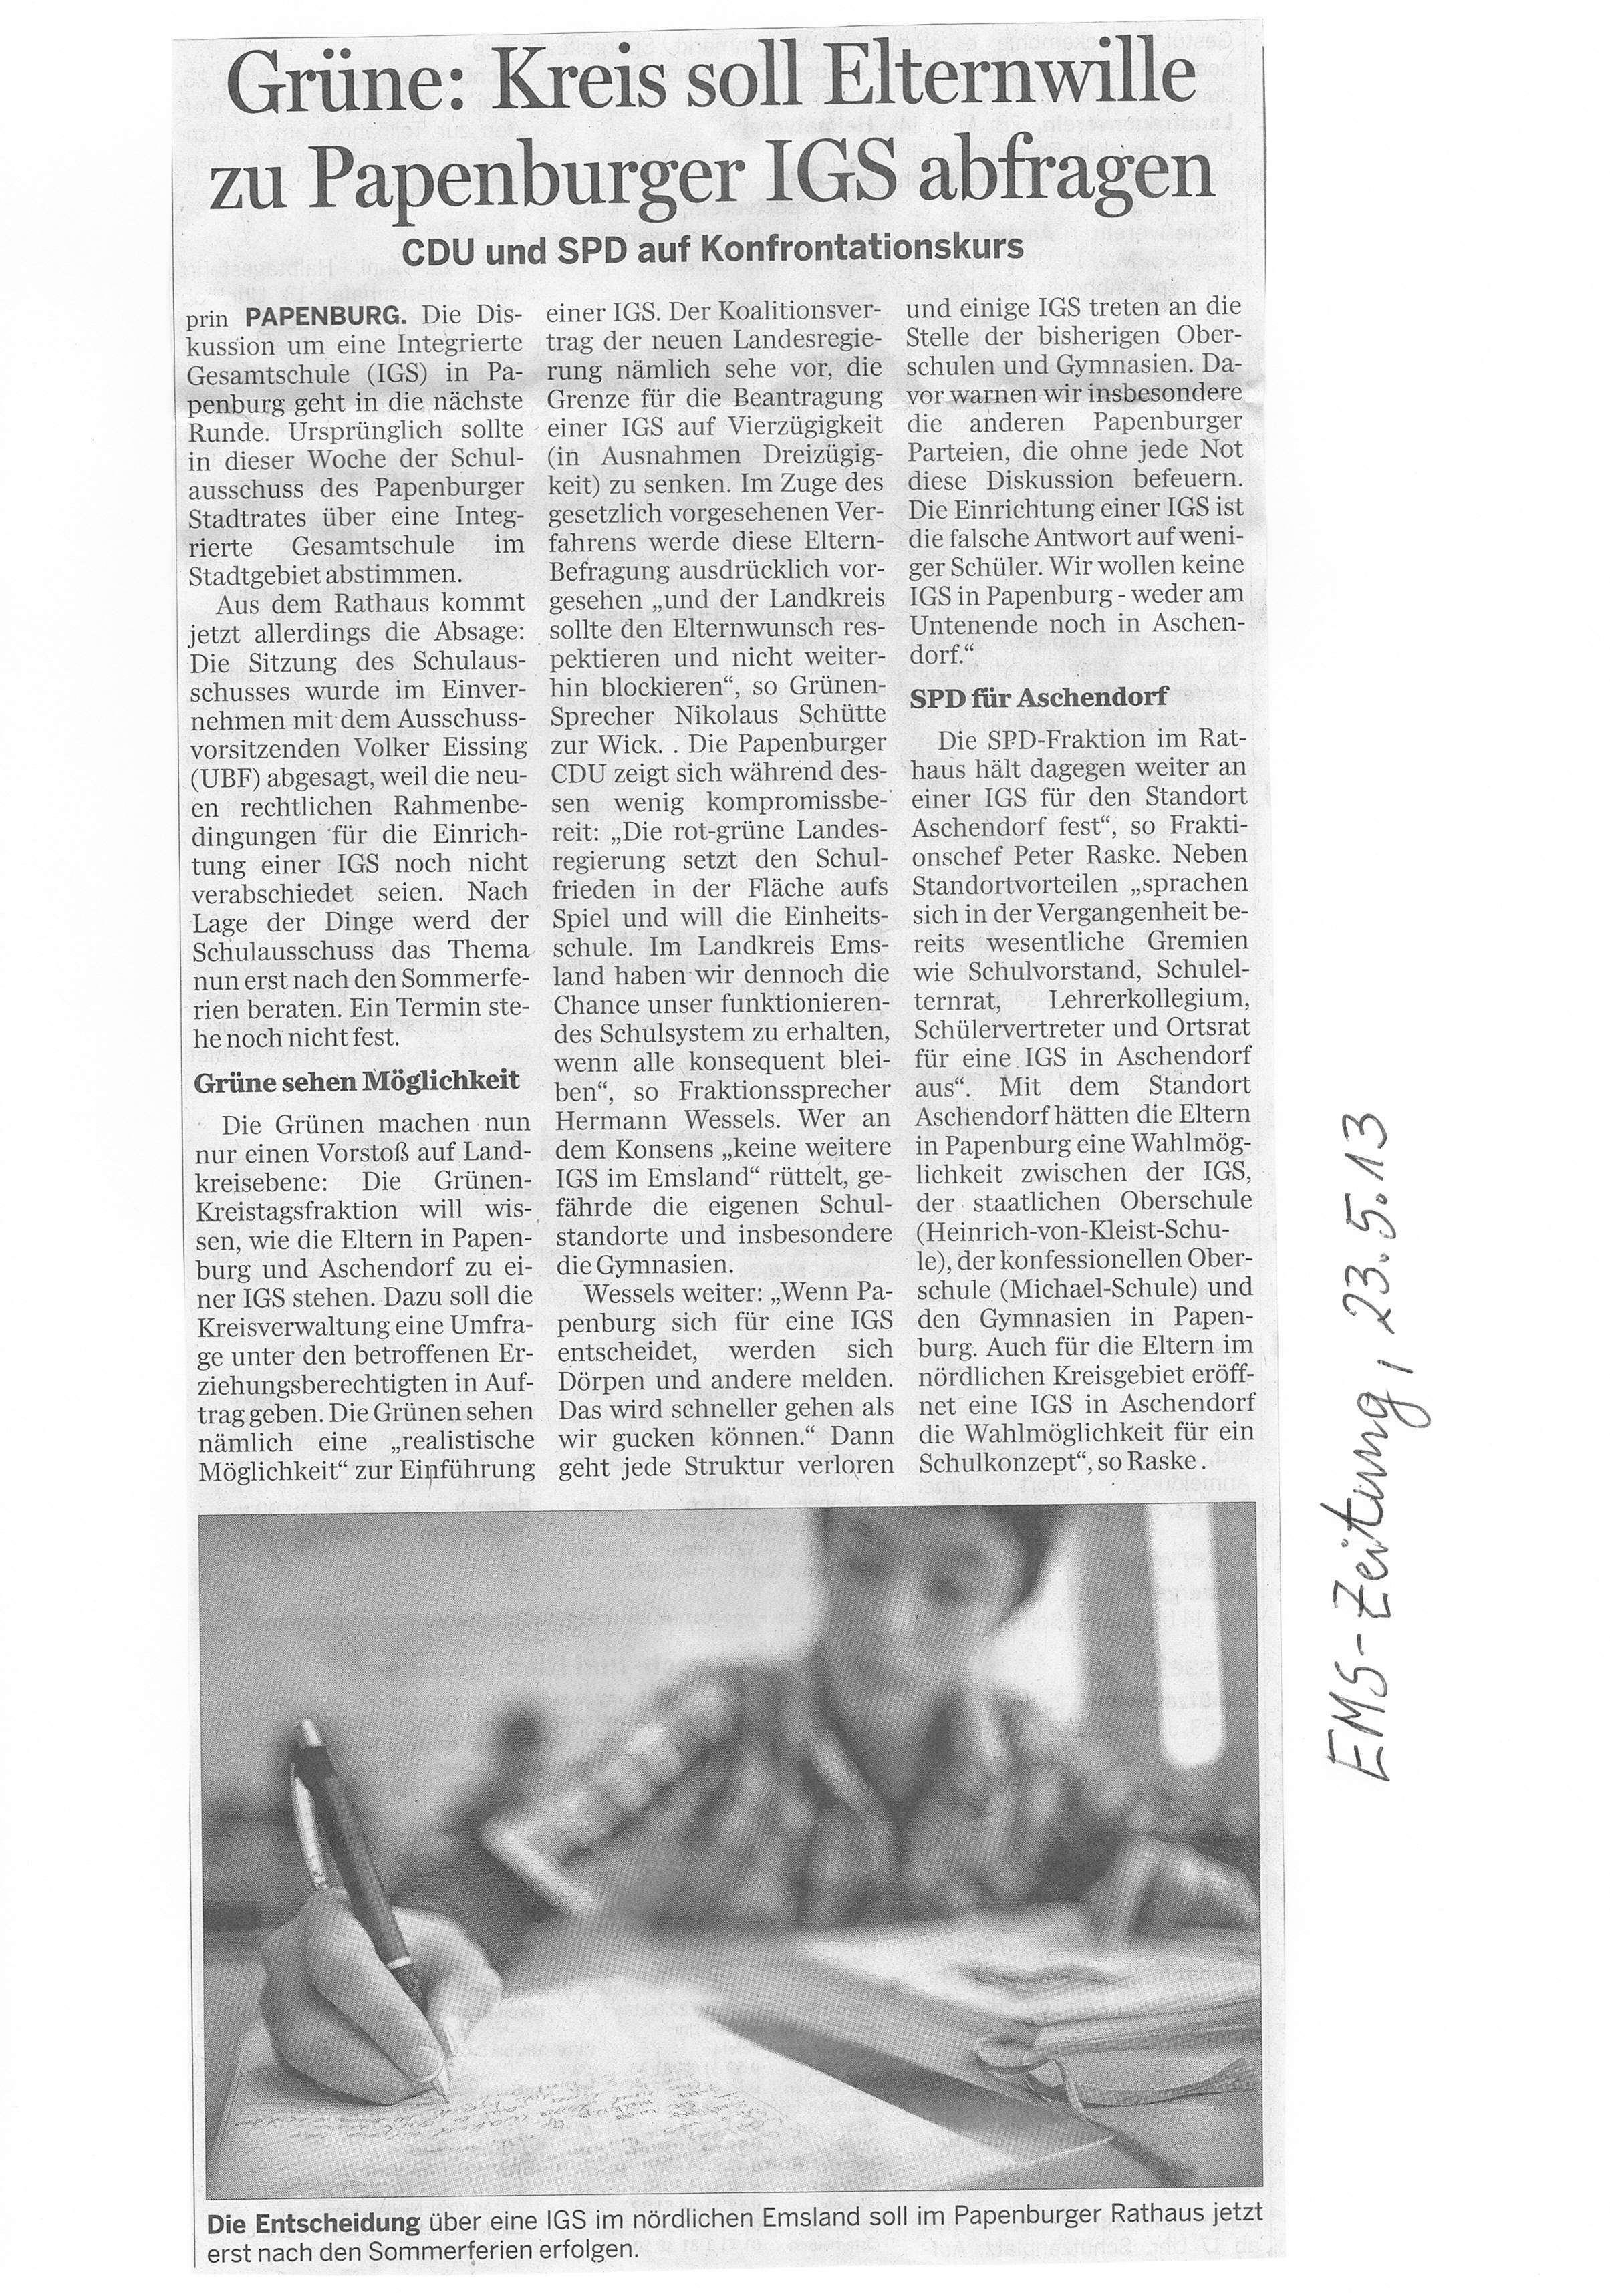 Uwes Zeitungsbericht